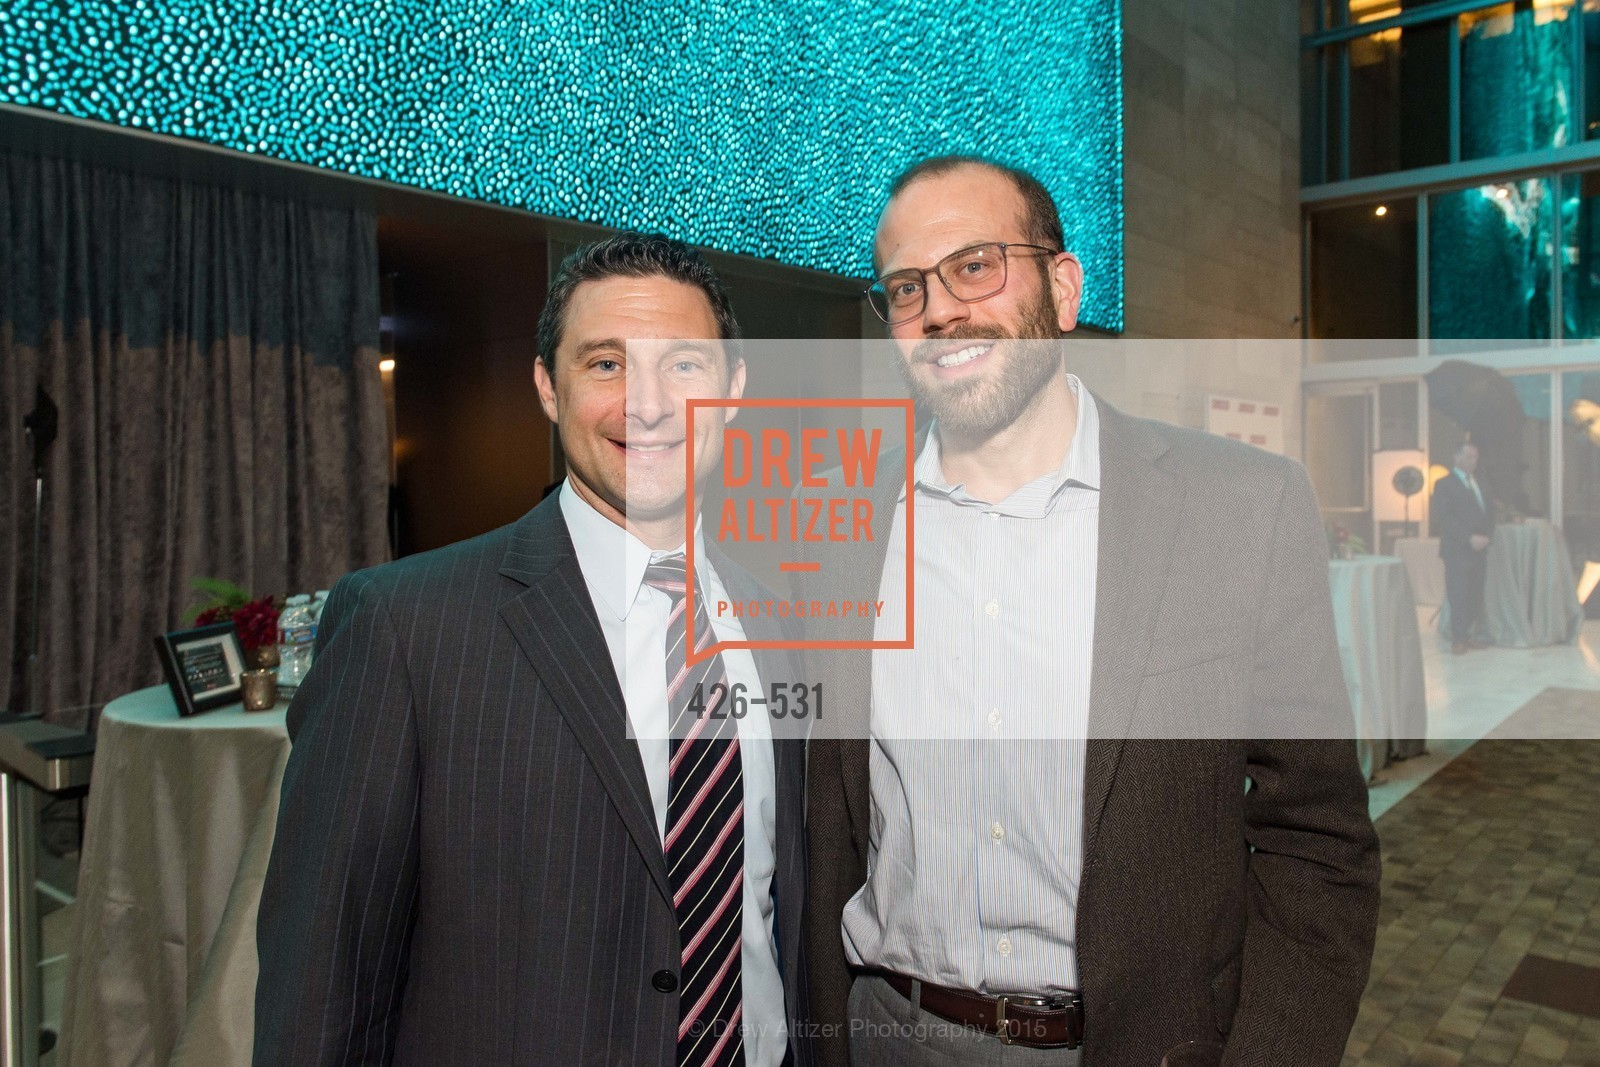 Rick Buziak, Michael Blum, Photo #426-531